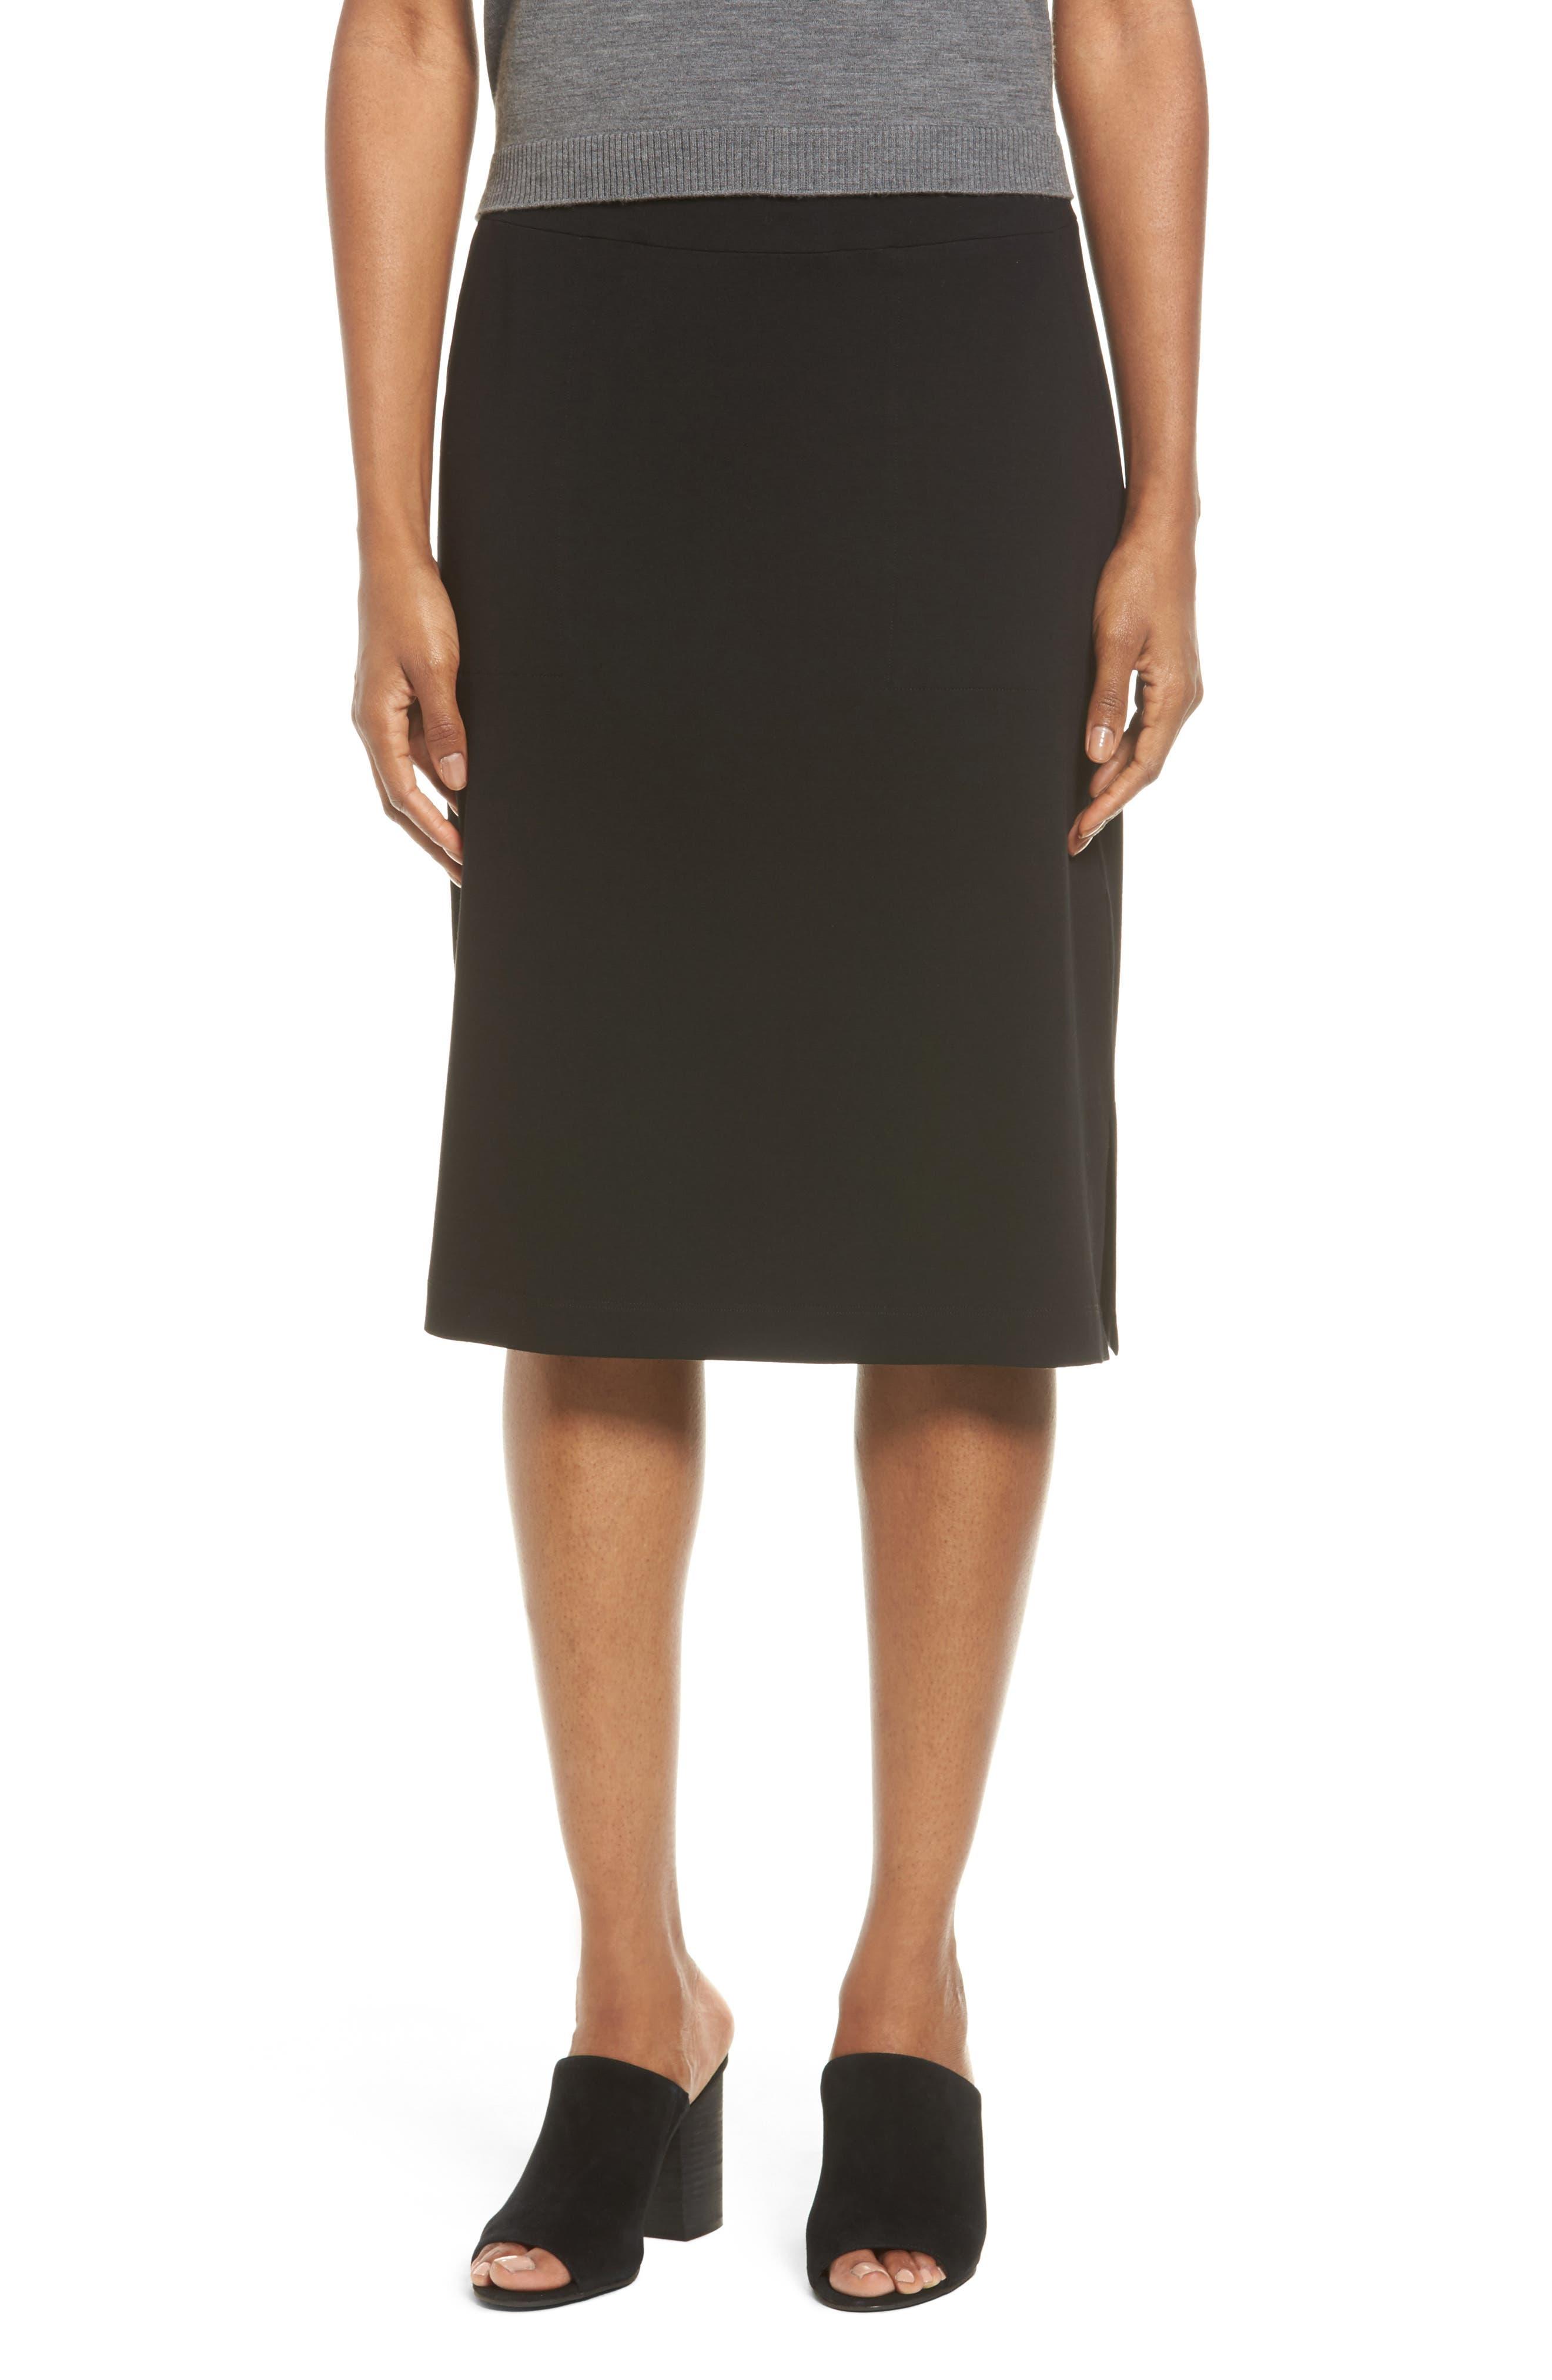 Alternate Image 1 Selected - Eileen Fisher Side Slit Jersey Skirt